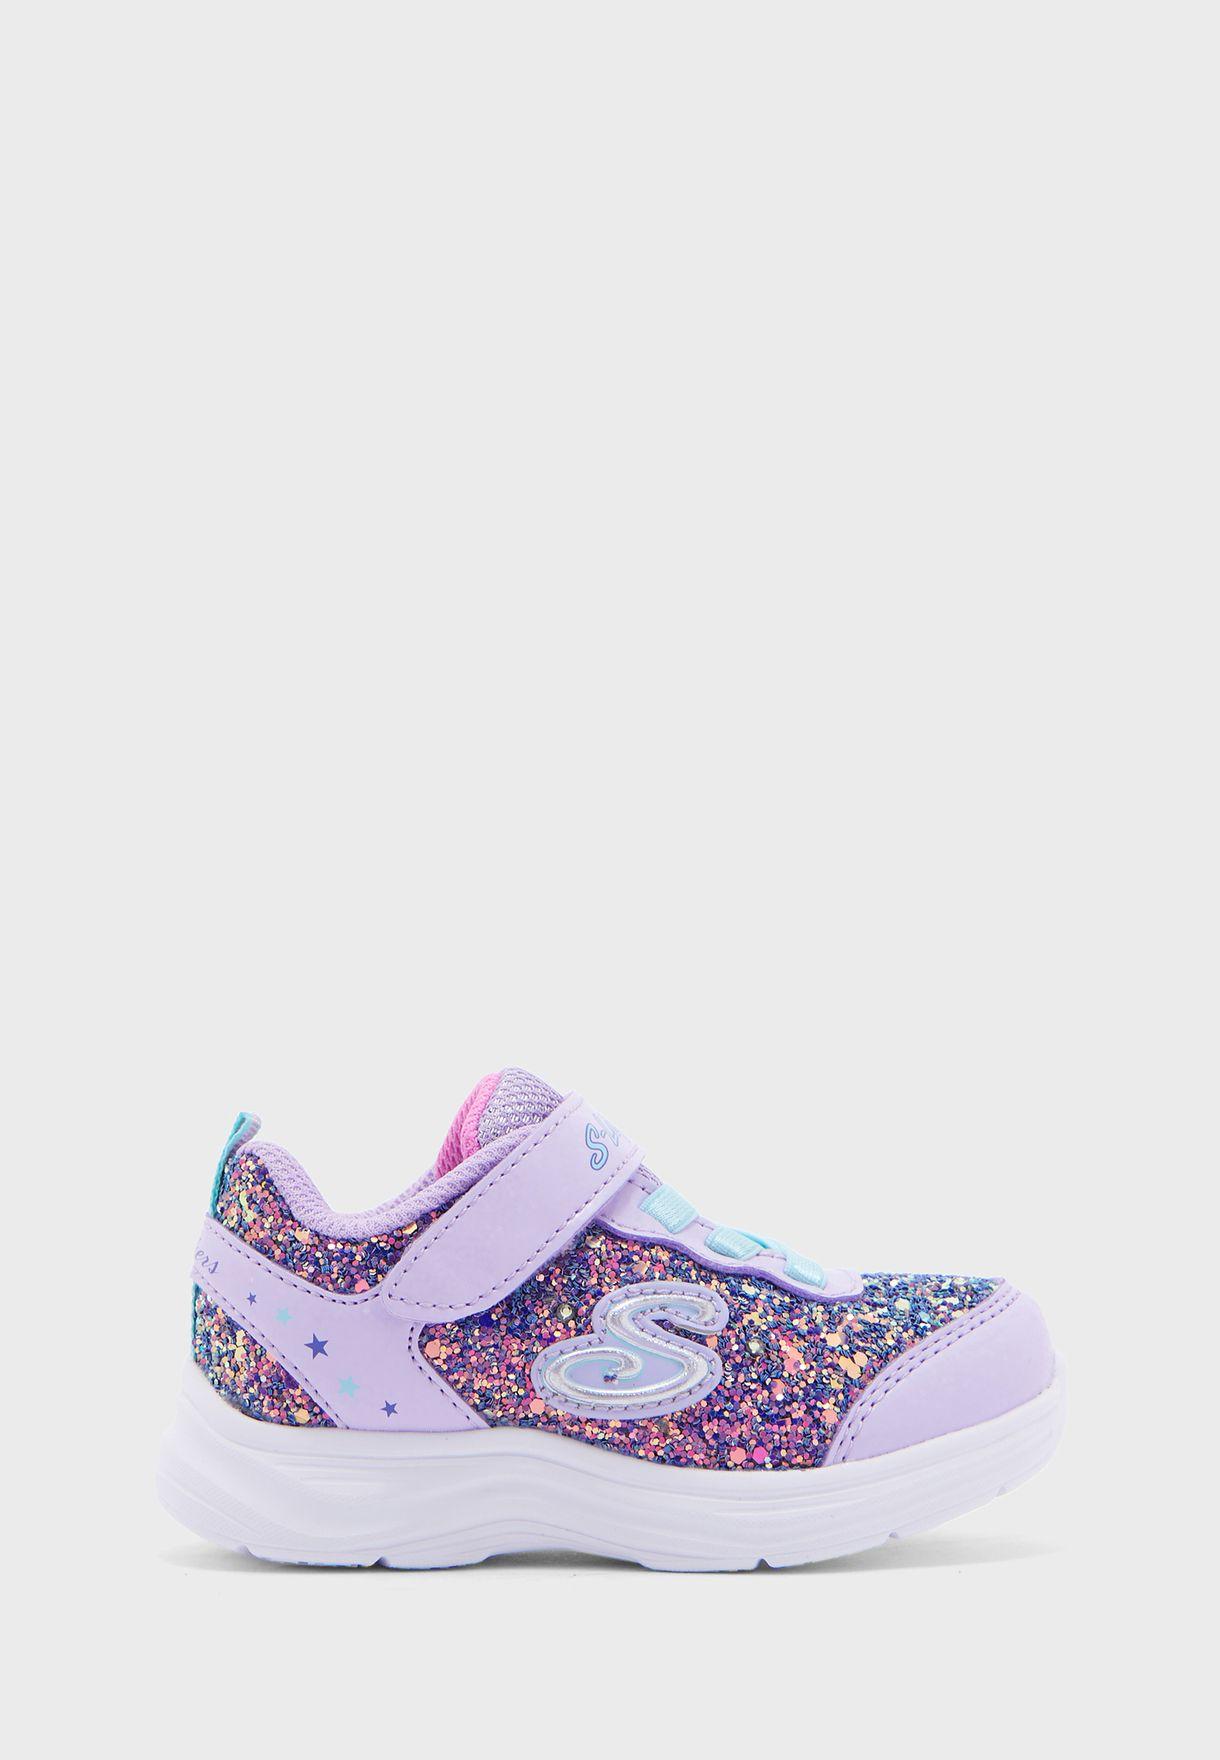 حذاء غليمر كيكس - غليتر ان غلو